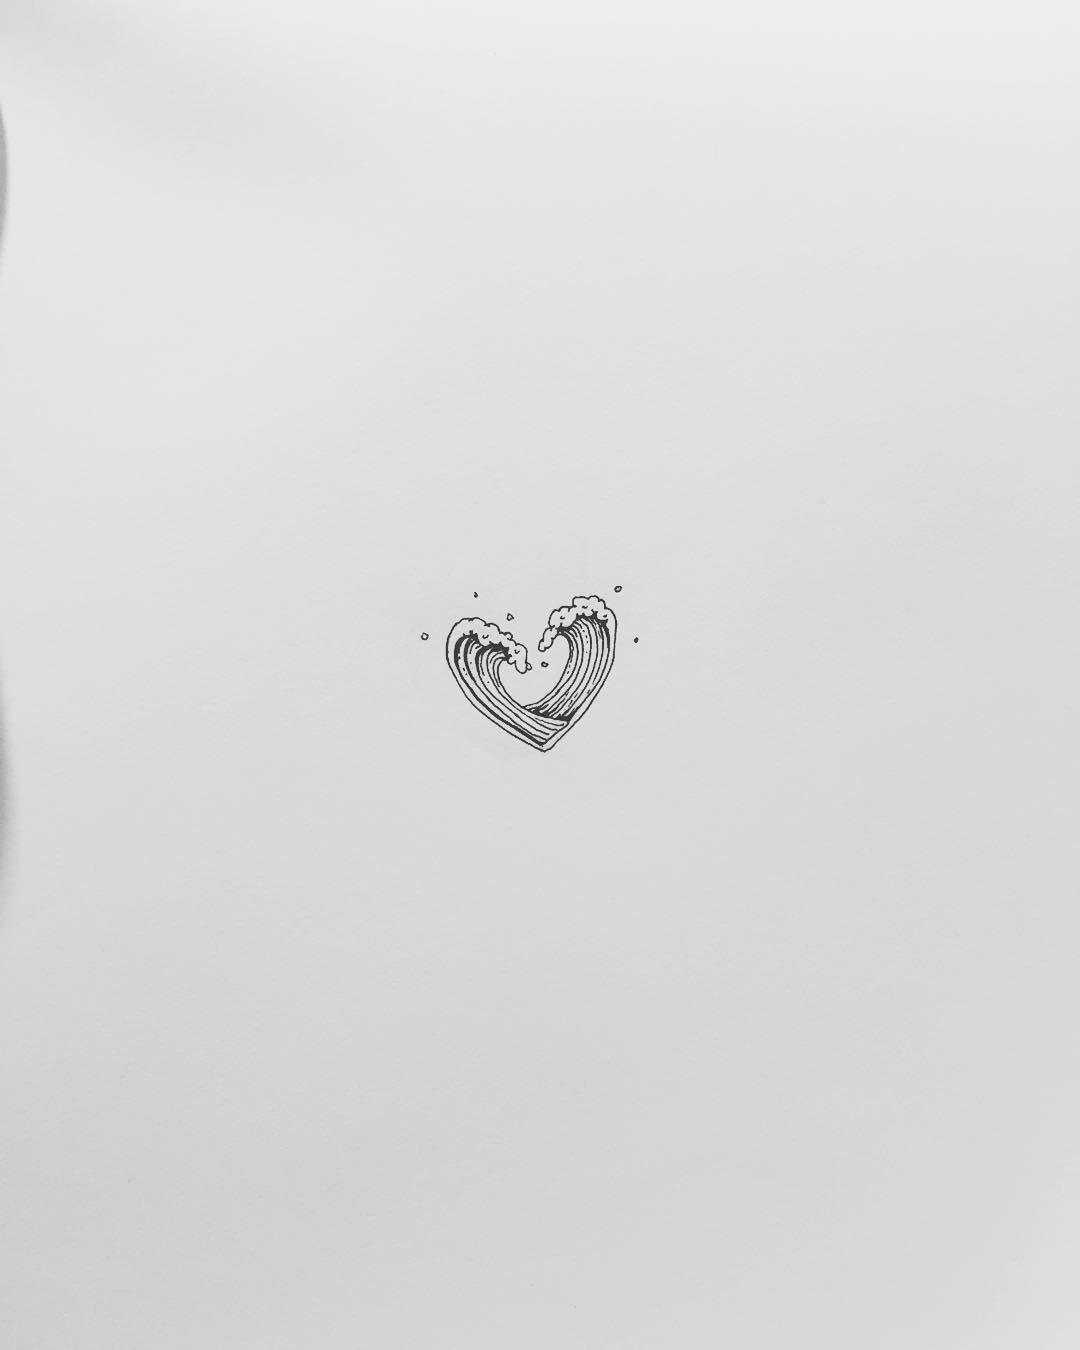 Dessin de vagues en forme de coeur id e de tatouage see this instagram photo by masa tattooer - Dessin en forme de coeur ...